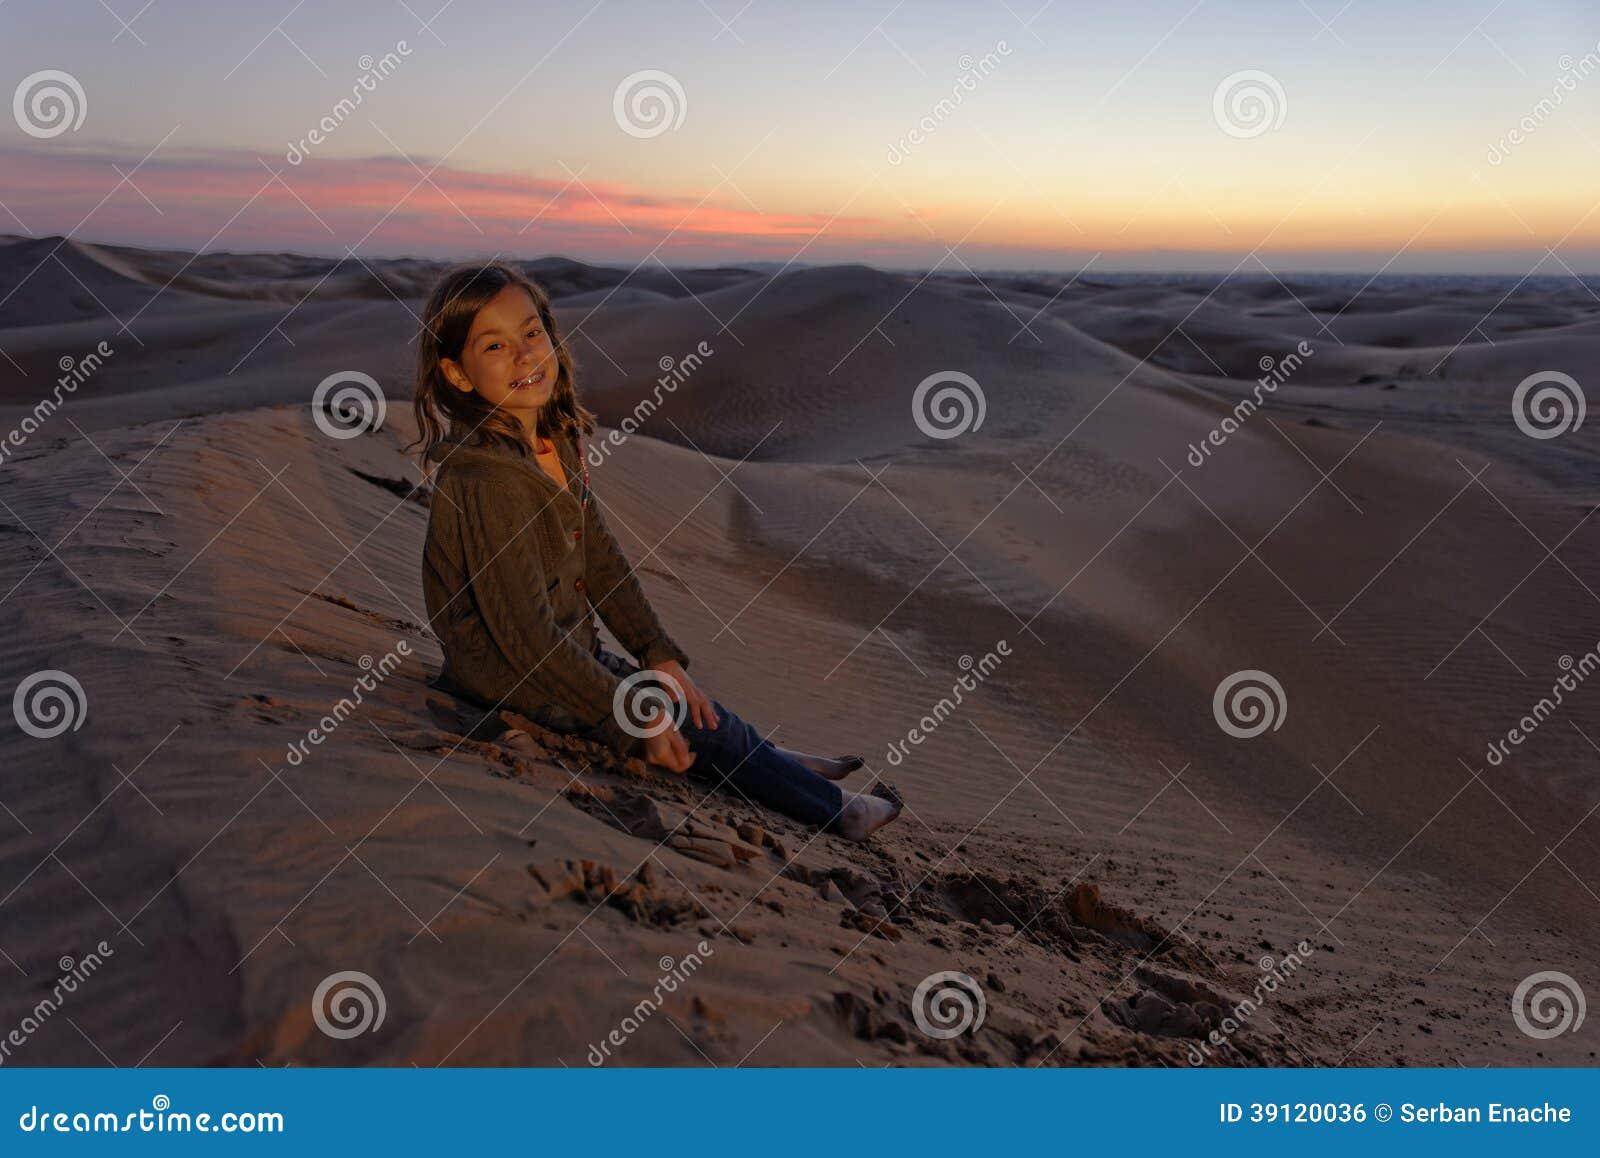 Kind in der Wüste bei Sonnenuntergang